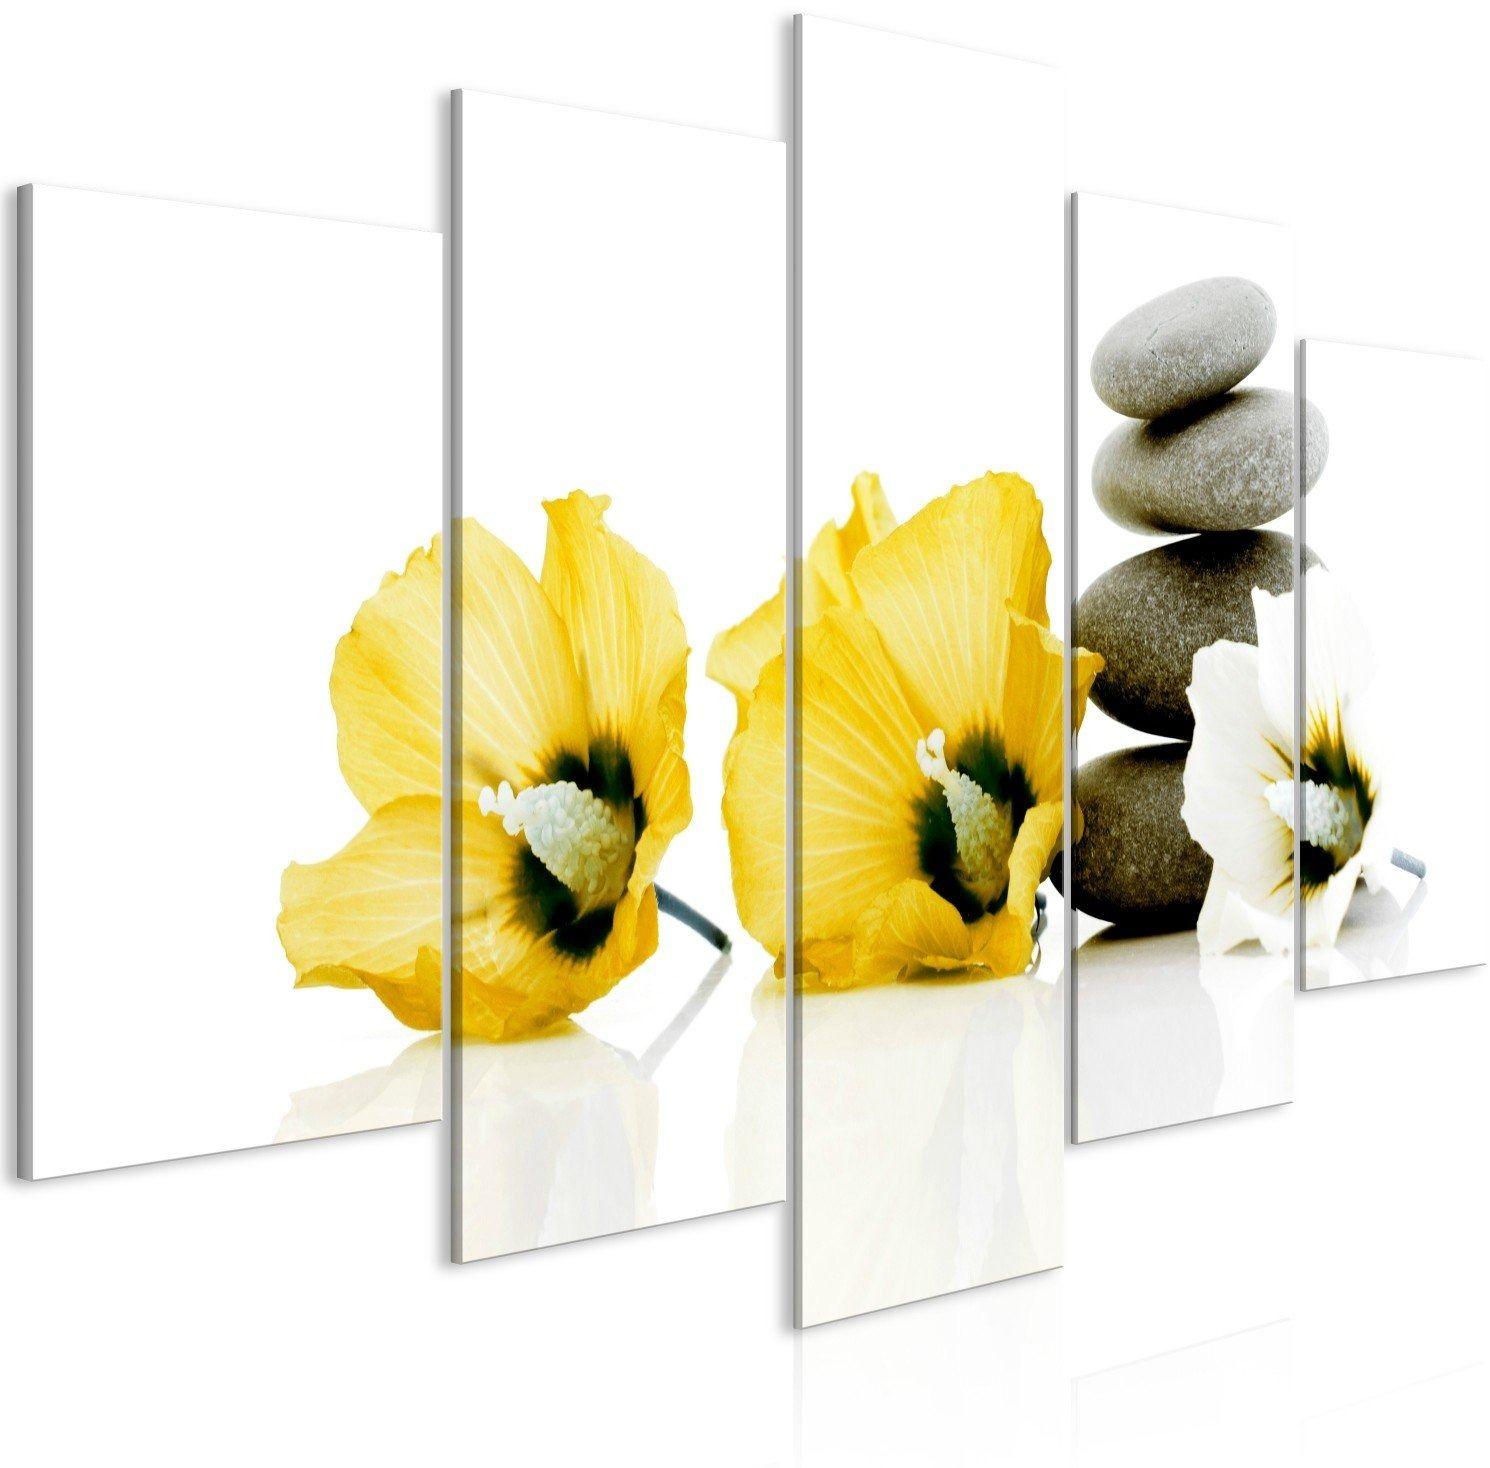 Obraz - spokojne malwy (5-częściowy) szeroki żółty